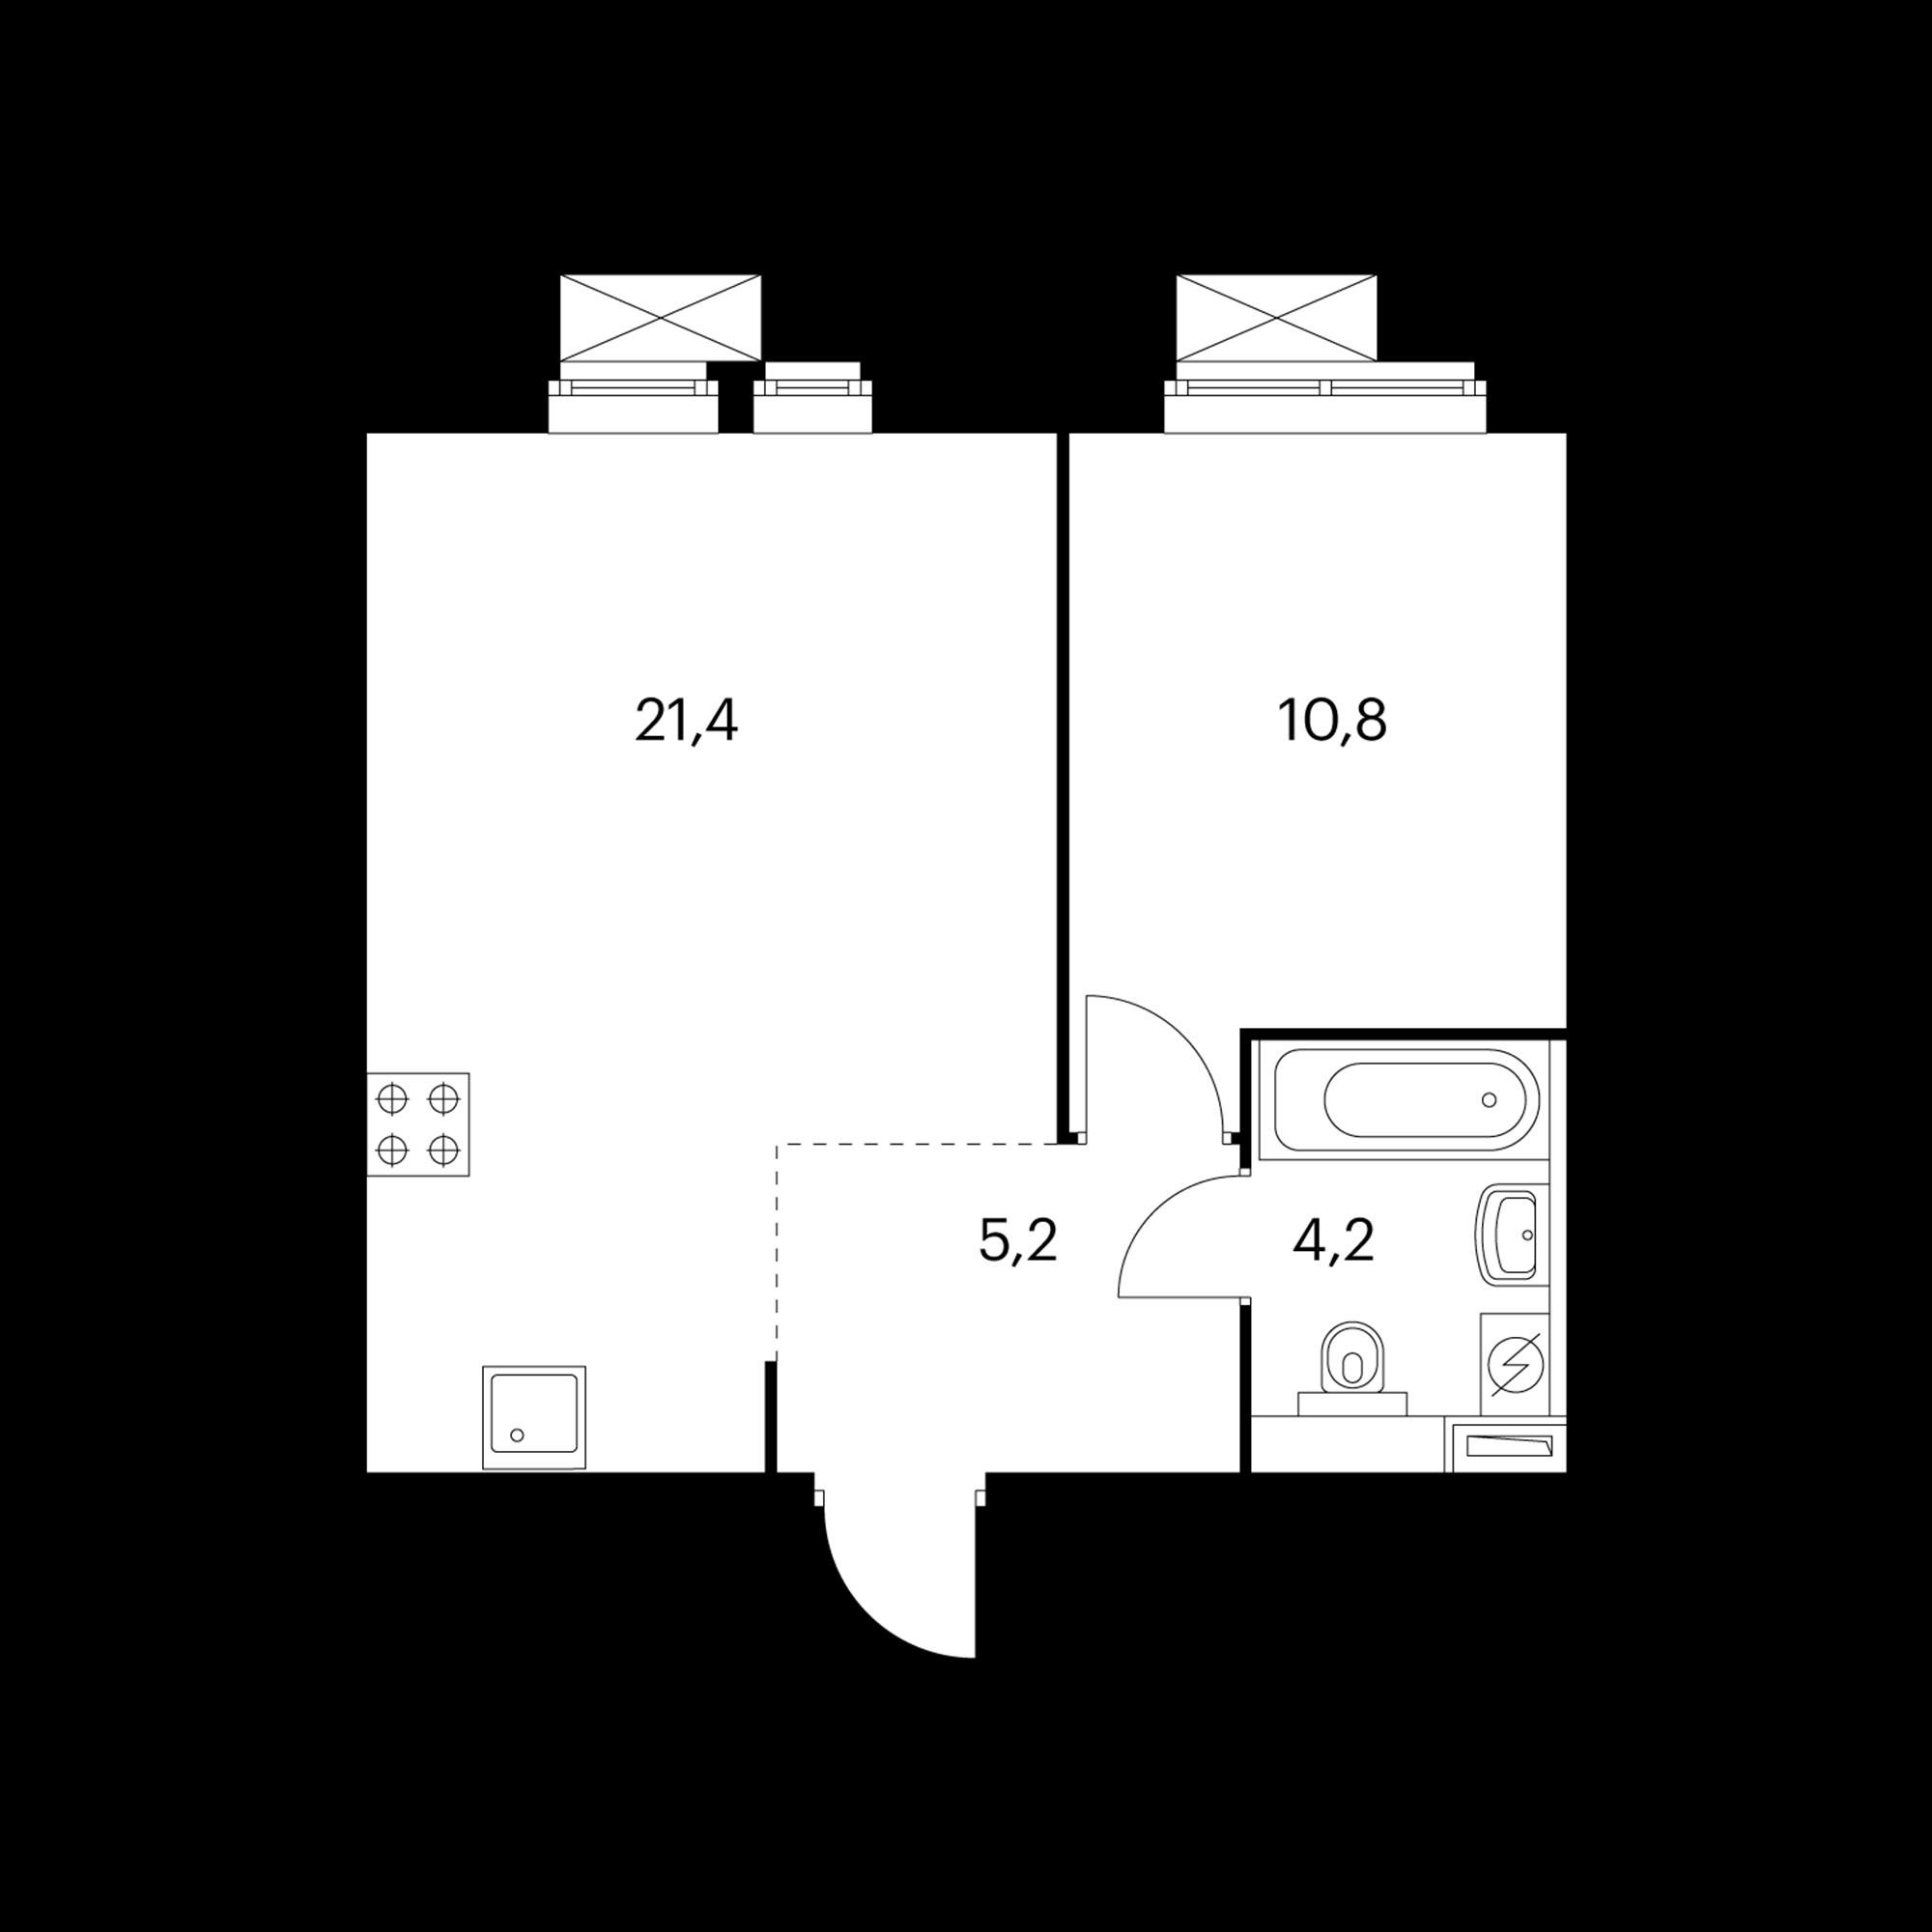 1EL4_7.2-2_S_A